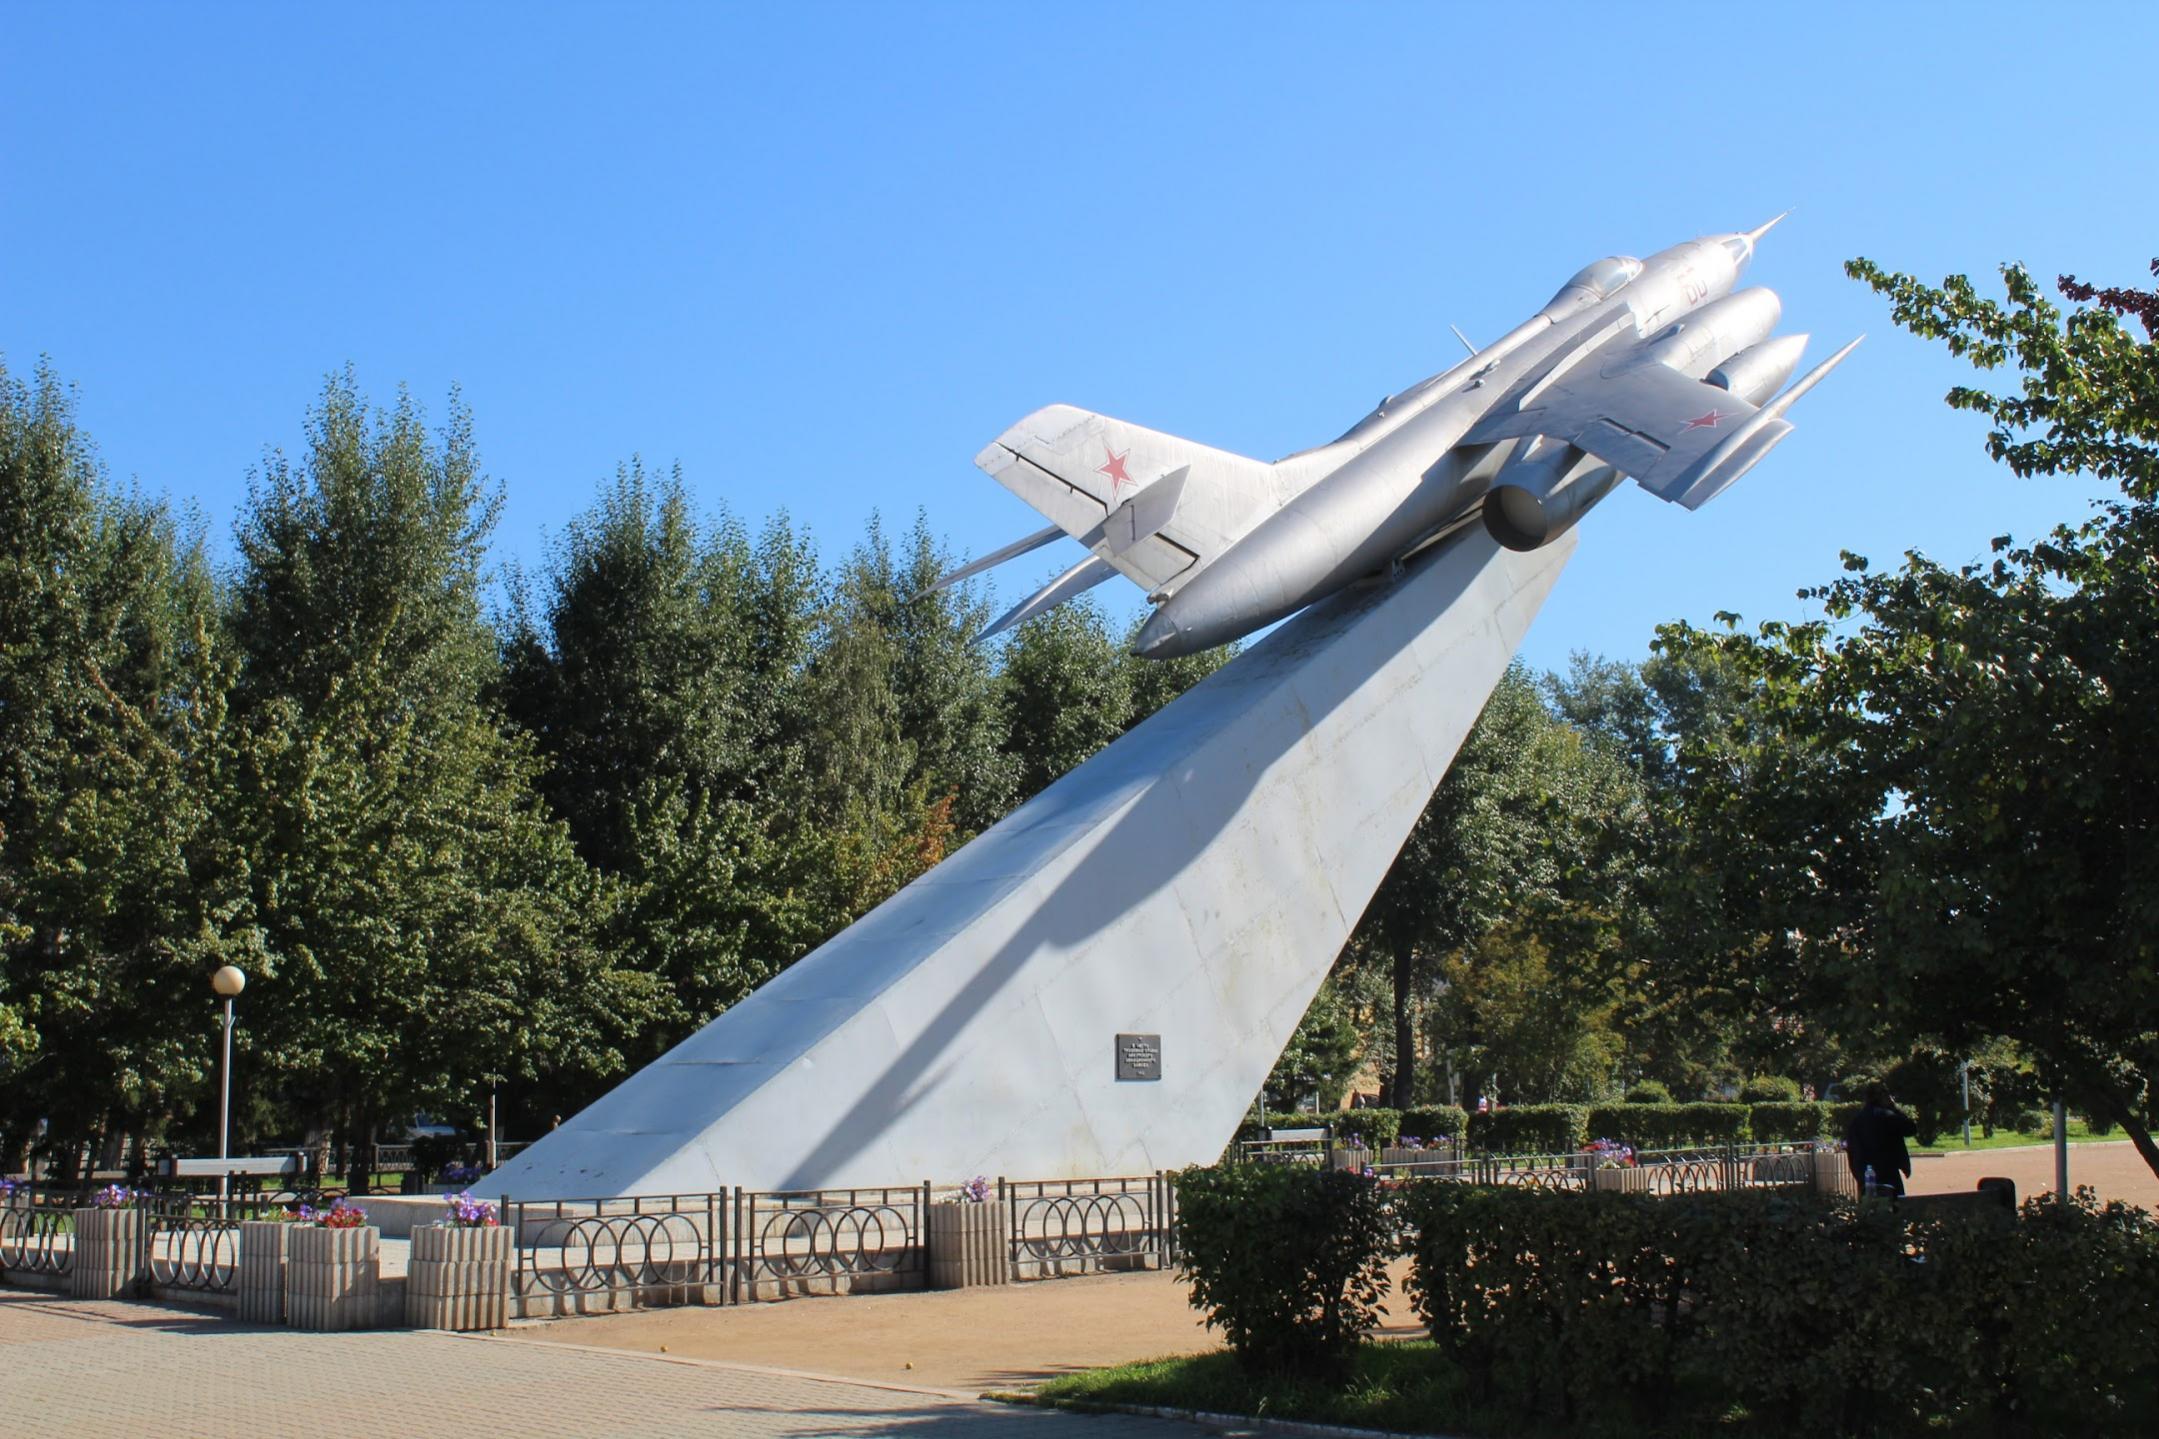 Naam: Yak 28 - Irkutsk..jpg Bekeken: 259 Grootte: 404,8 KB